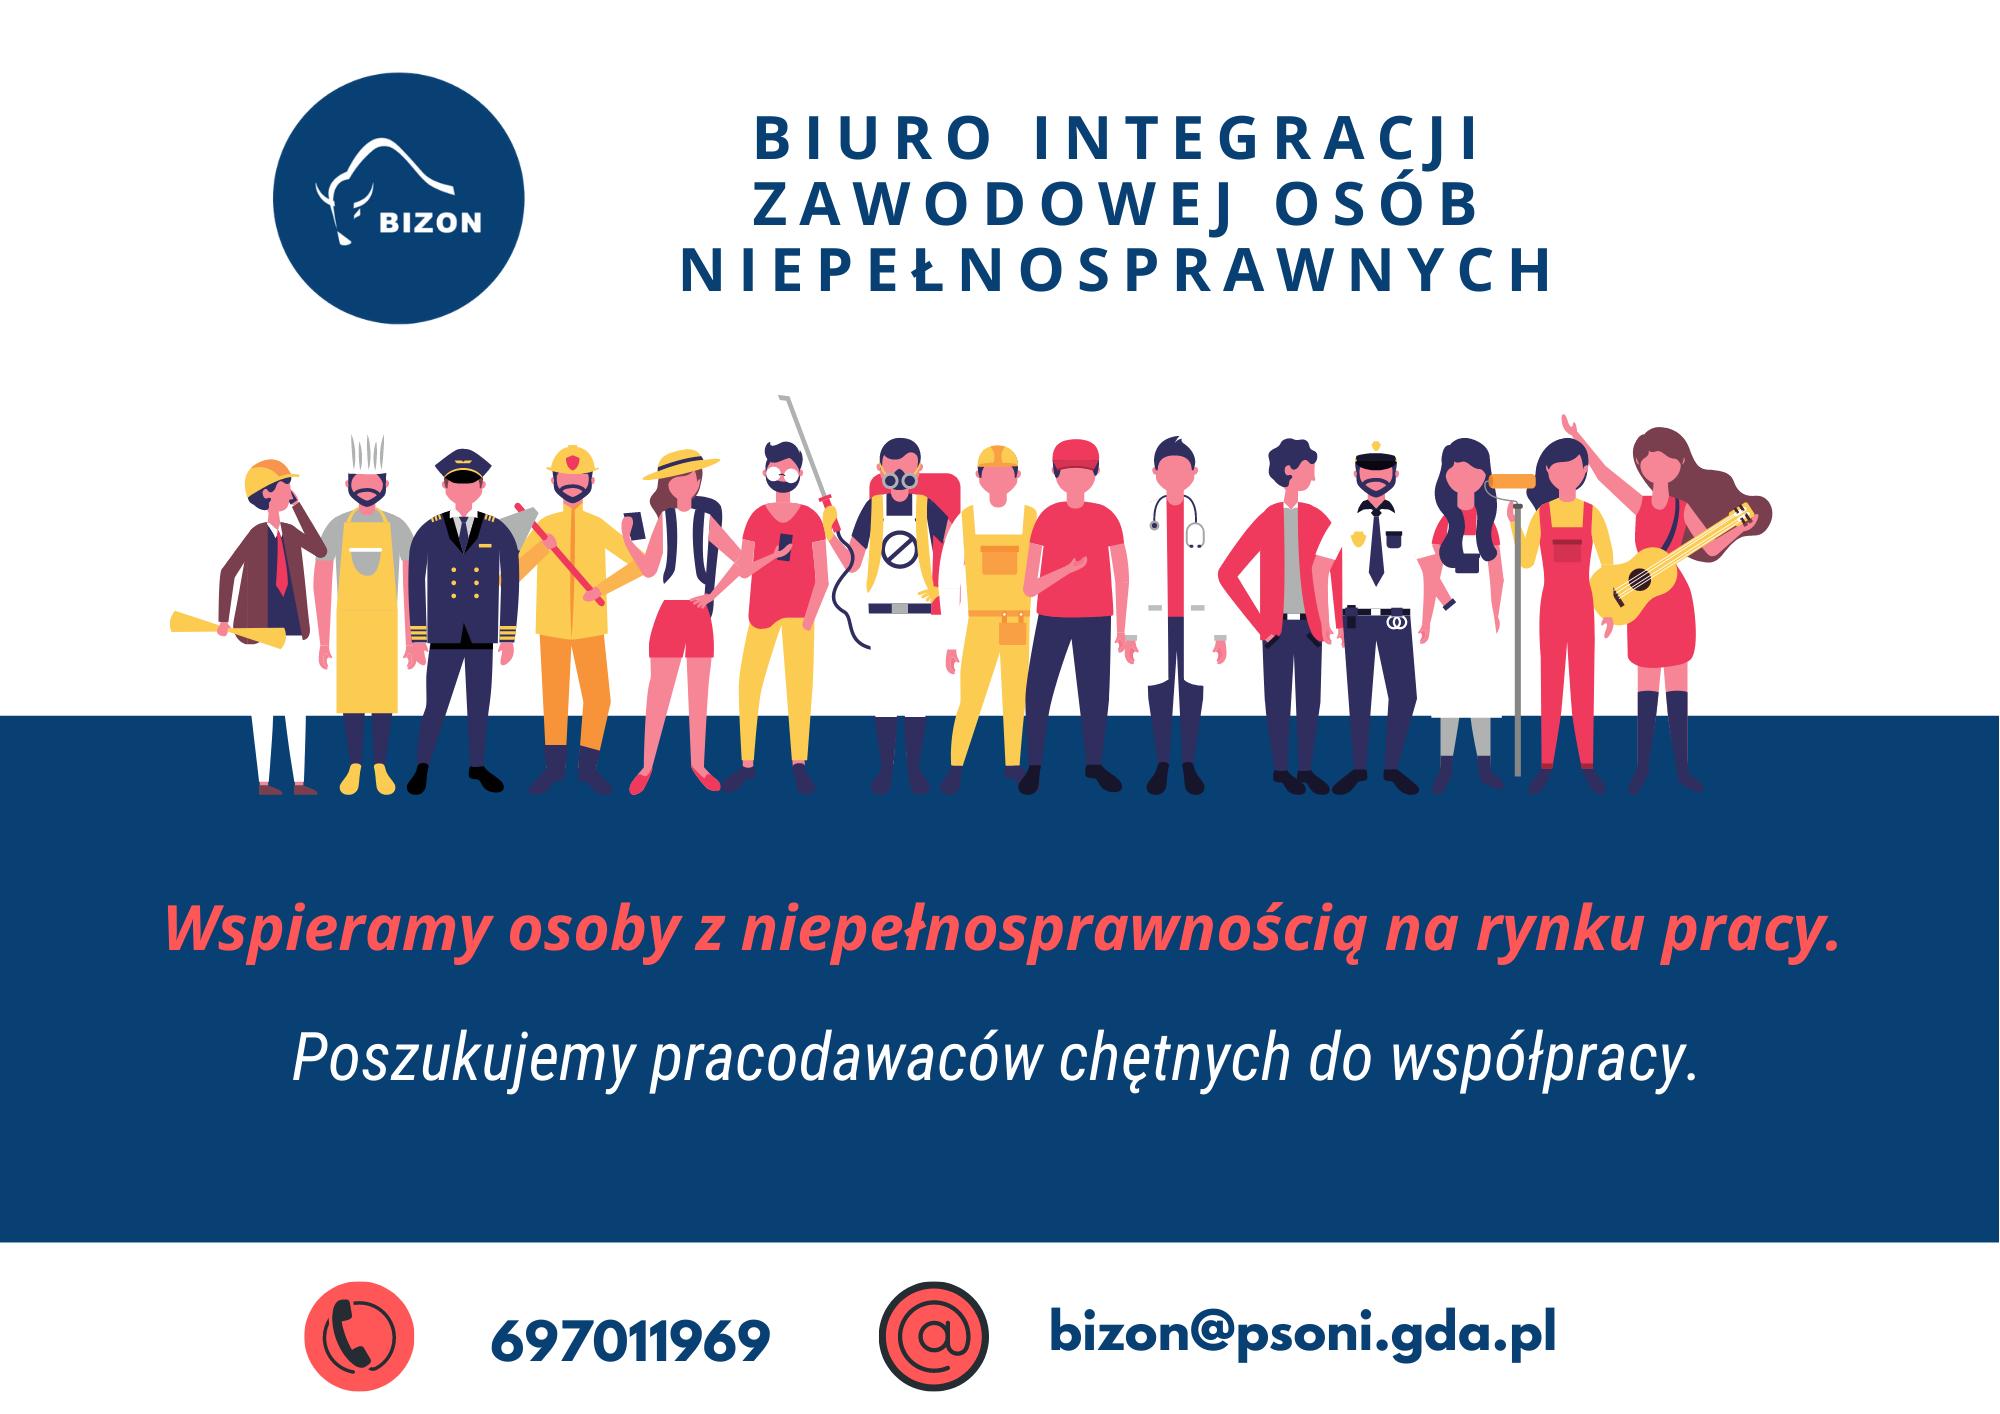 Biuro Integracji Zawodowej Osób Niepełnosprawnych poszukuje miejsc, gdzie uczestnicy projektów mogliby odbywać bezpłatne próbki pracy oraz praktyki !